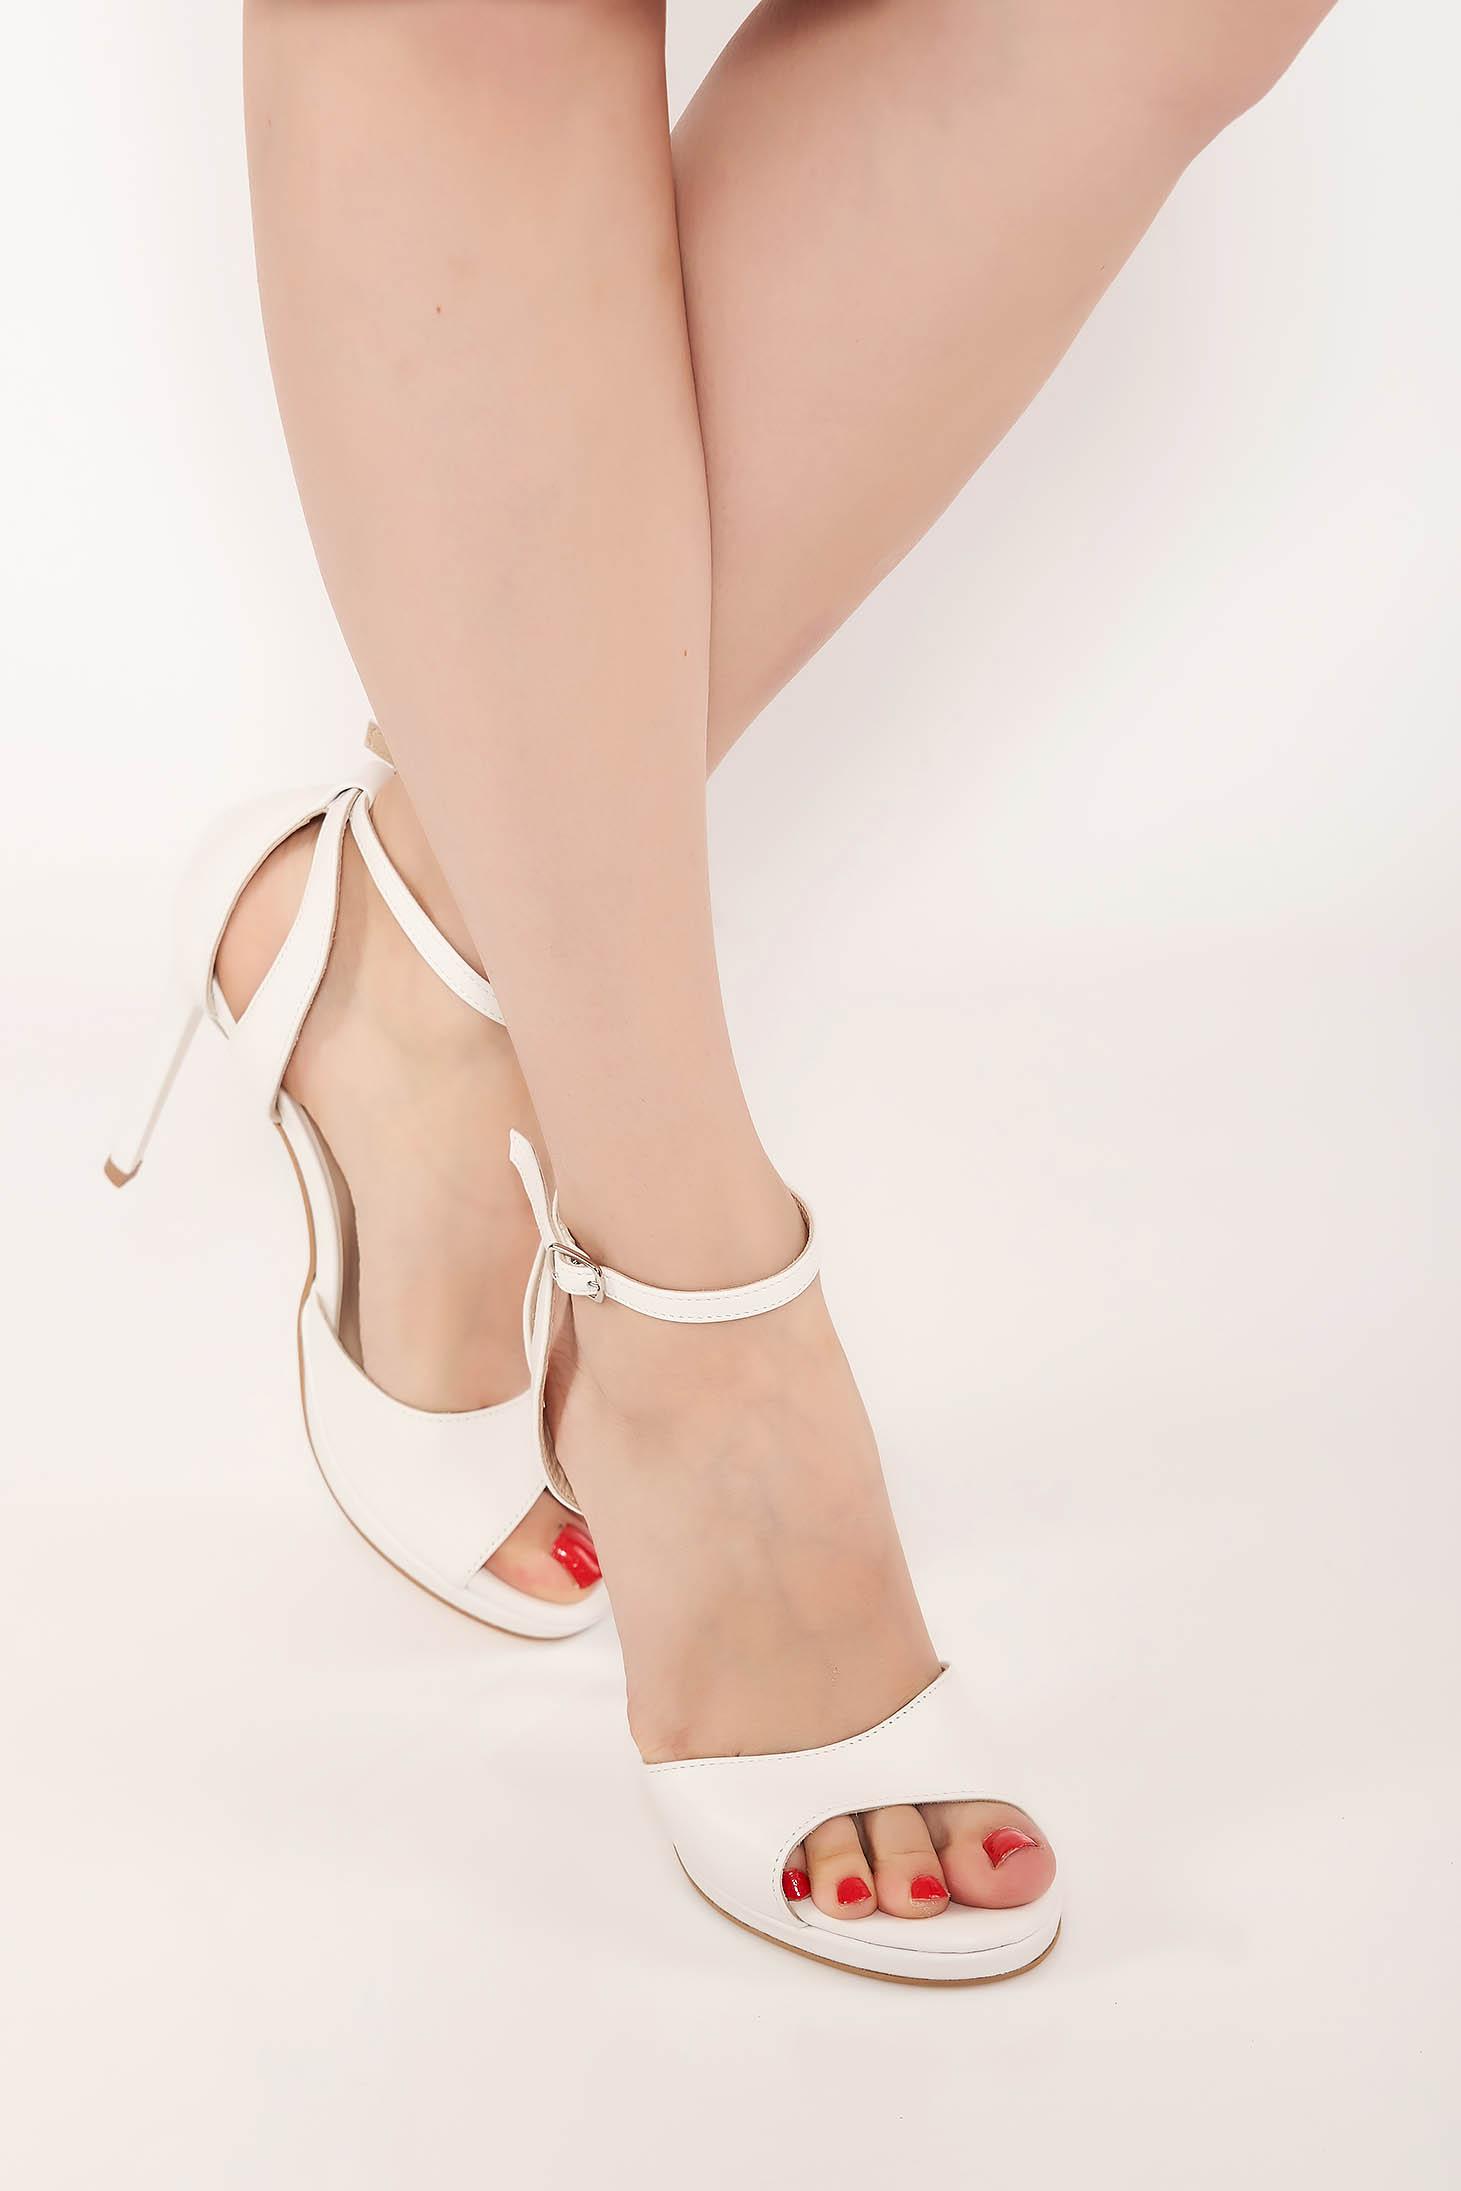 Sandale nude elegante din piele naturala cu toc inalt si